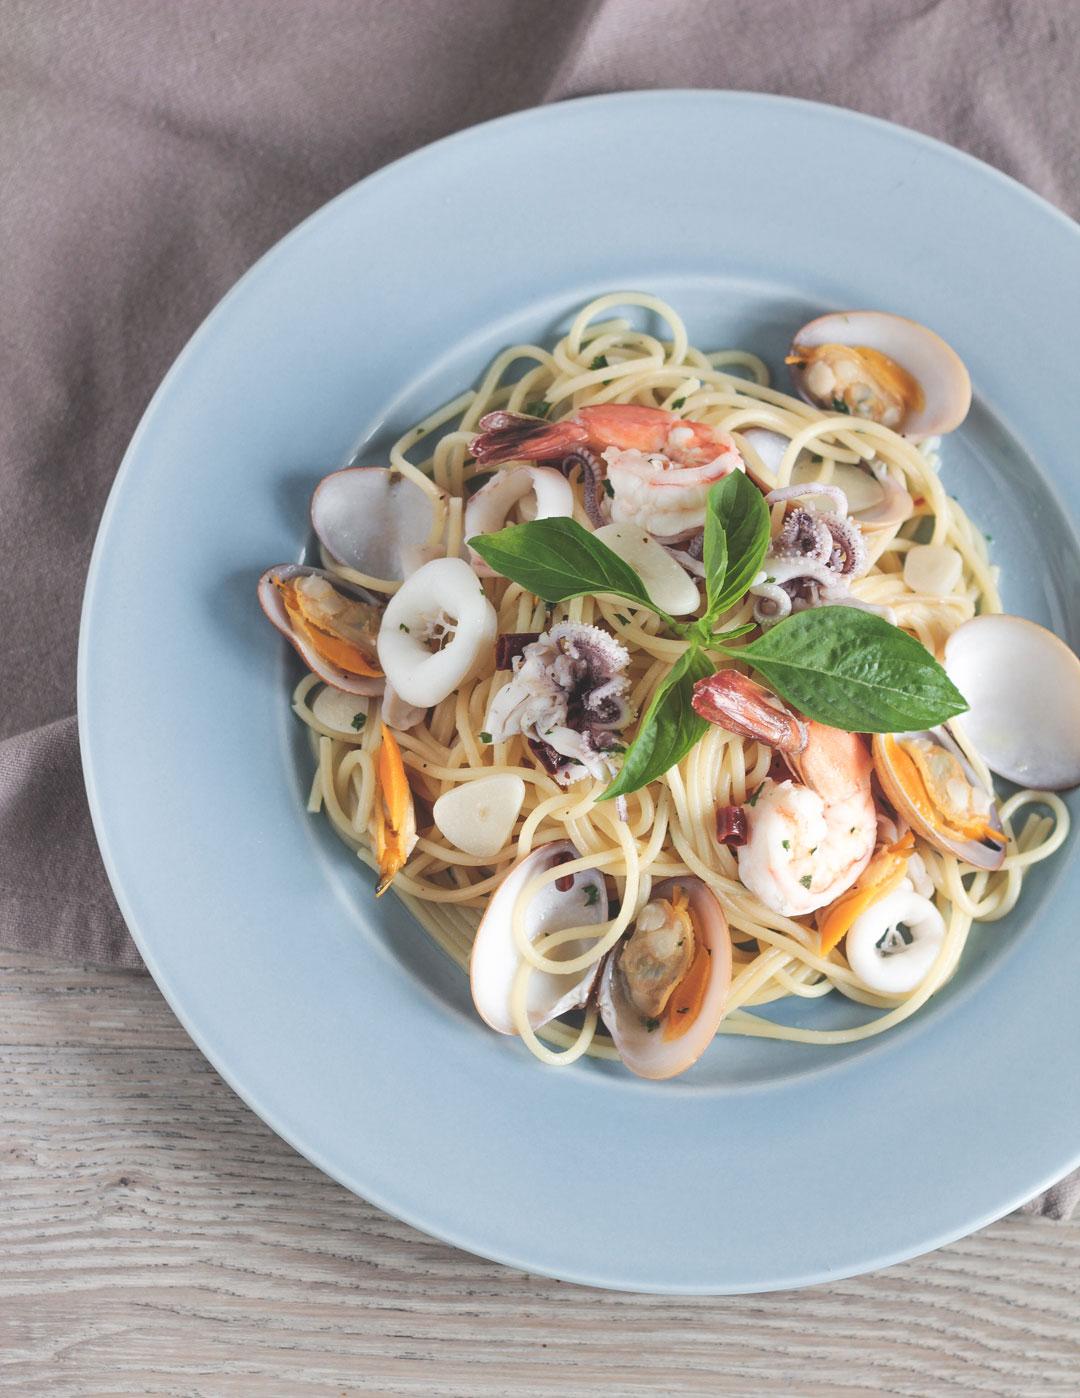 Seafood spaghetti aglio at Texture.